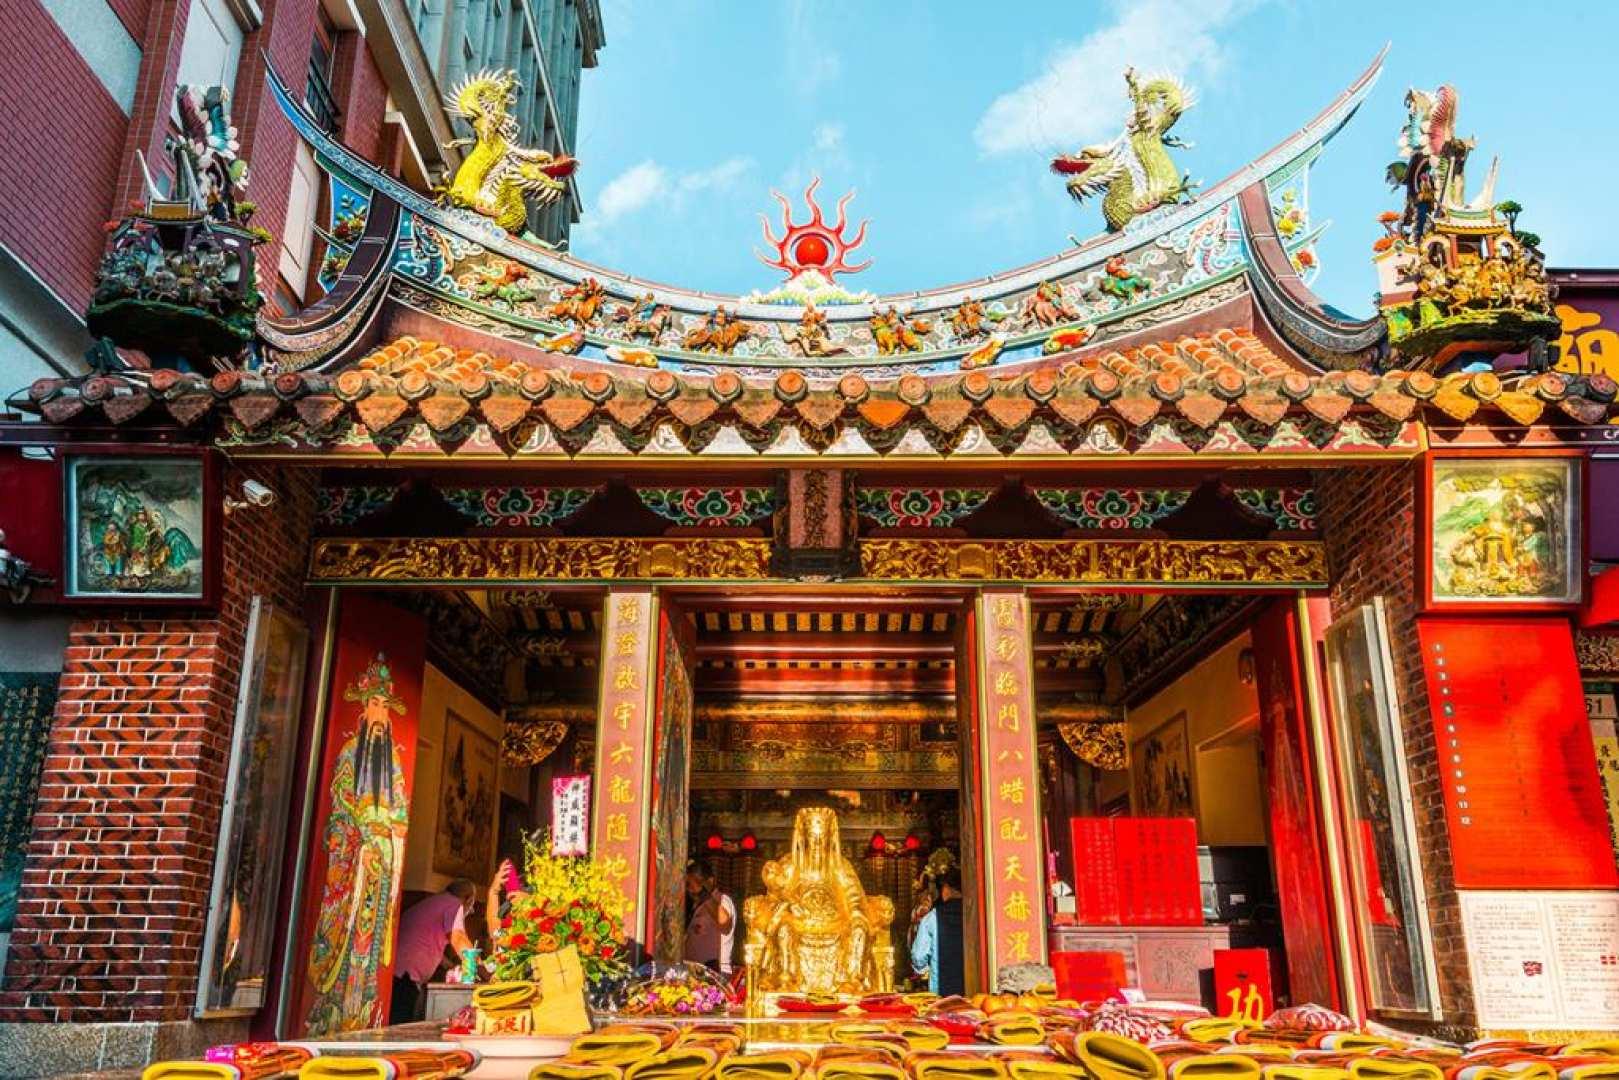 おうちで台湾|台湾の年越し気分を味わう!迪化街巡り+霞海城隍廟お参りオンラインツアー|Zoom利用・新春福袋付きプランあり